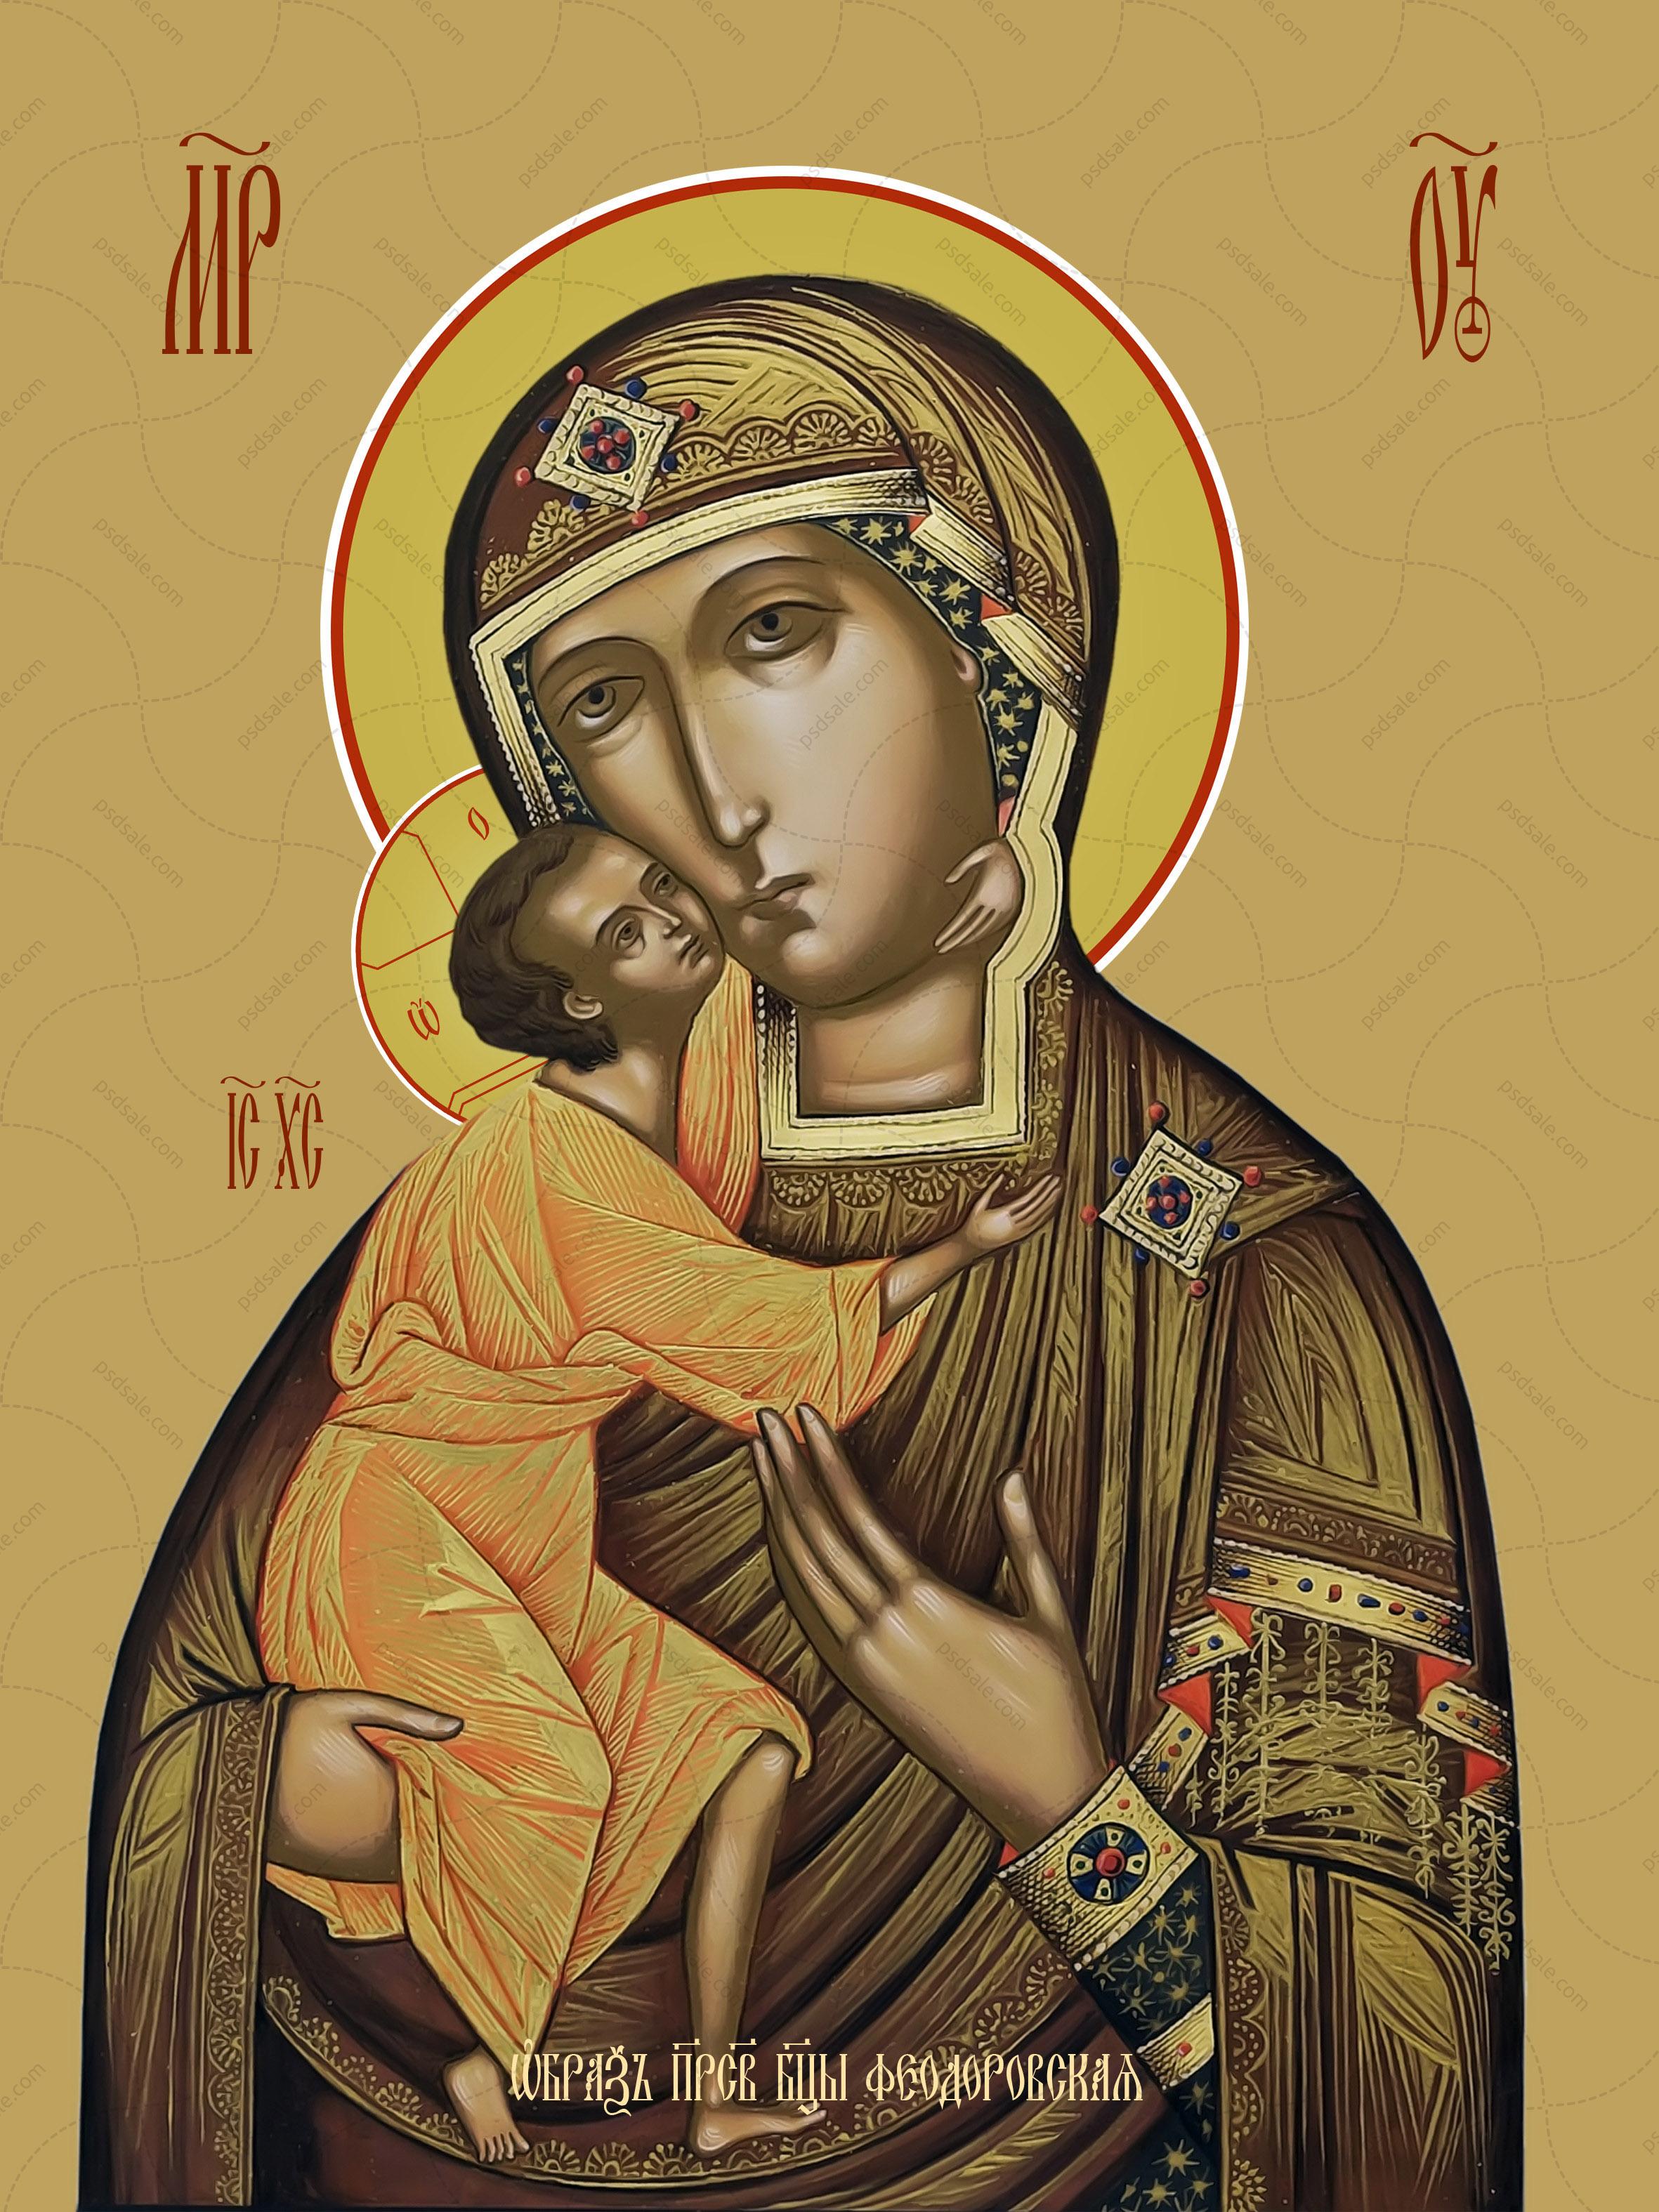 Феодоровская икона божьей матери